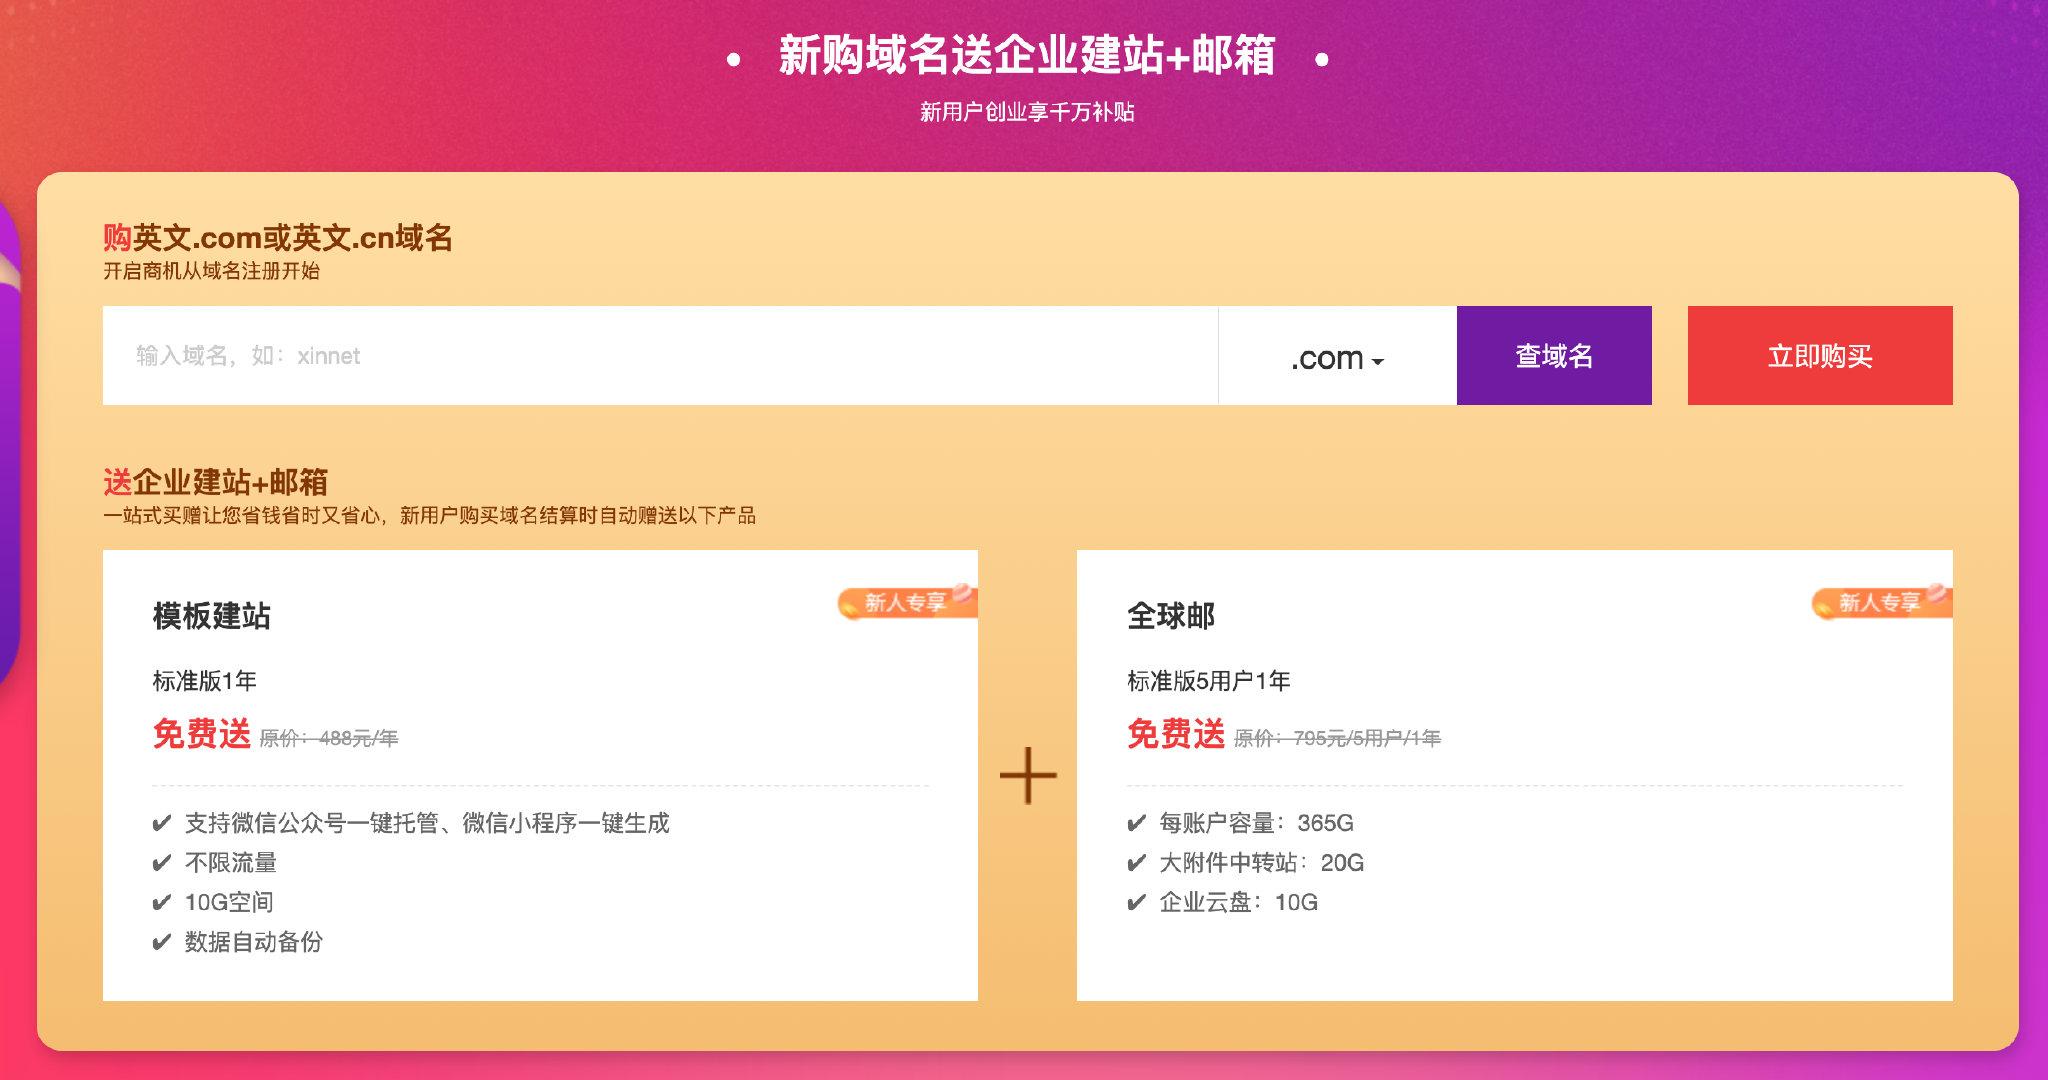 新网16元撸cn域名